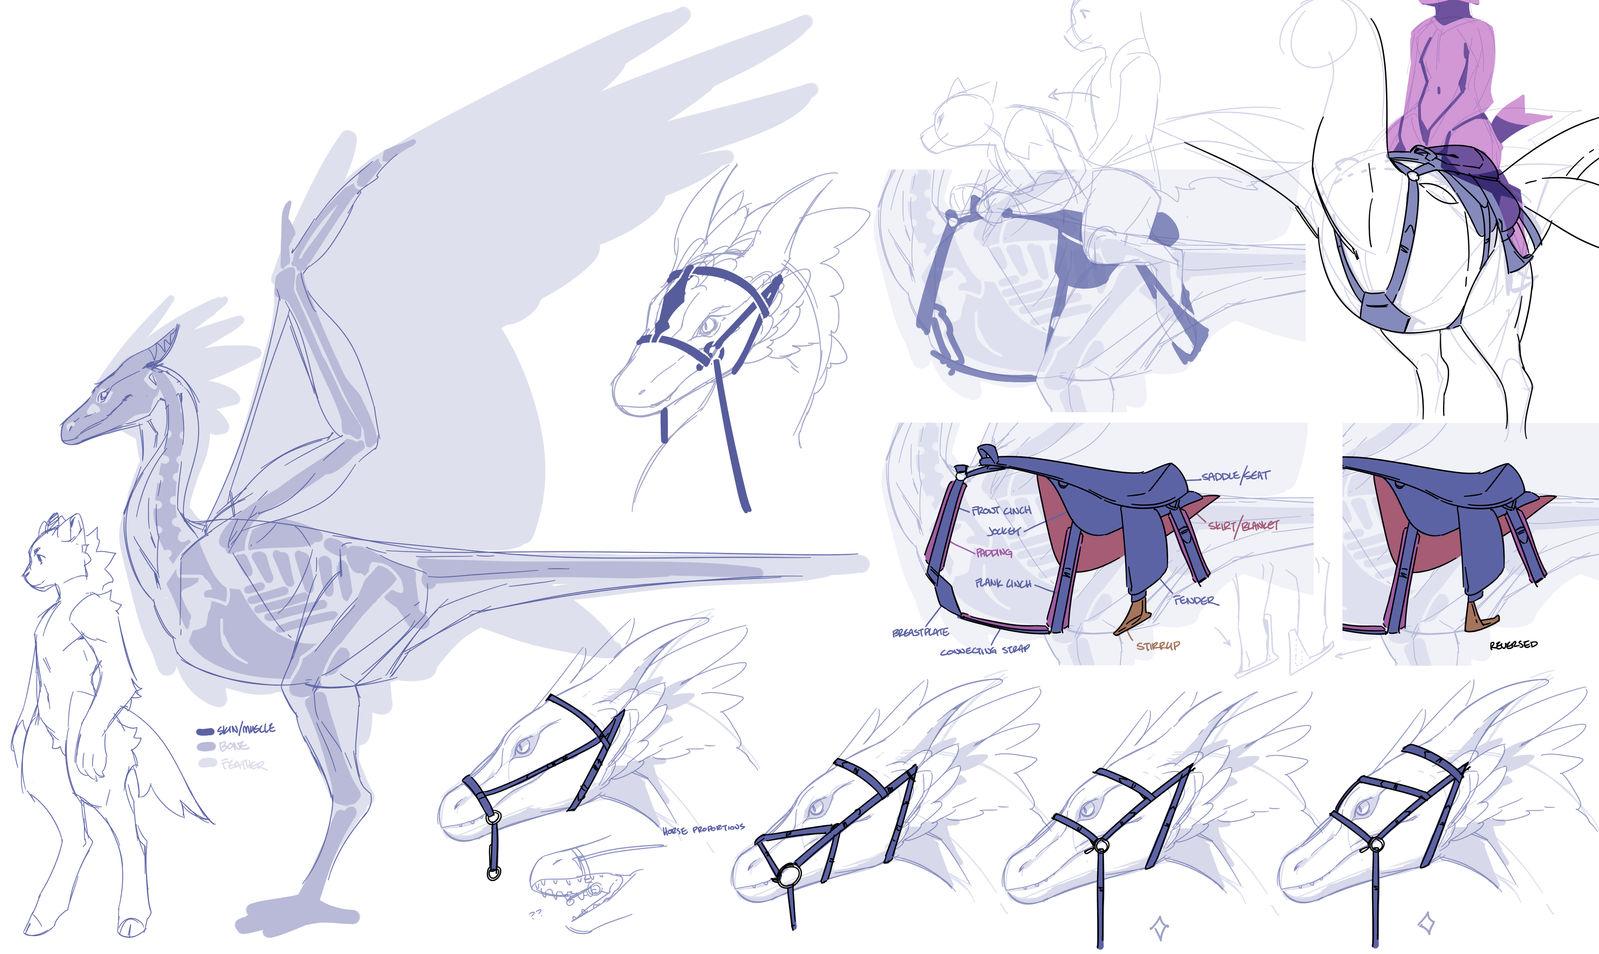 Basic Drakern Tack by tordenvar